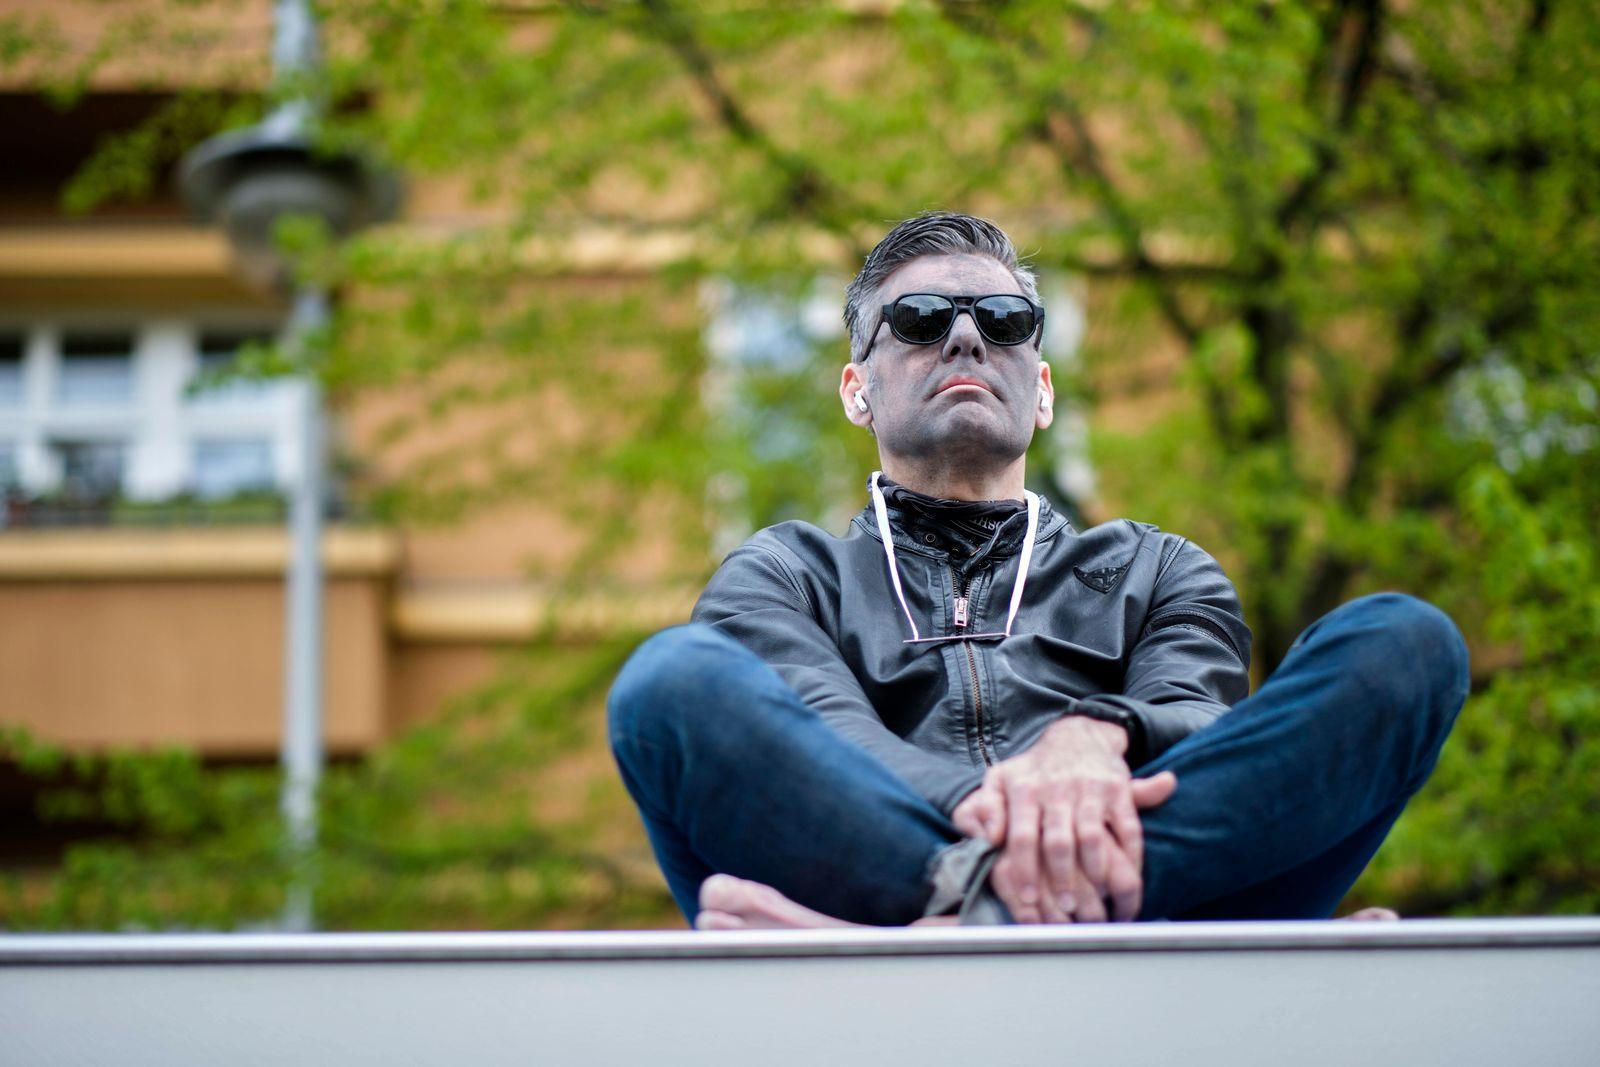 Anti-Corona-Demo Deutschland, Berlin, 25.04.2020, Meditation, Ken Jebsen, Volksbühne am Rosa-Luxemburg-Platz, Â *** Ant